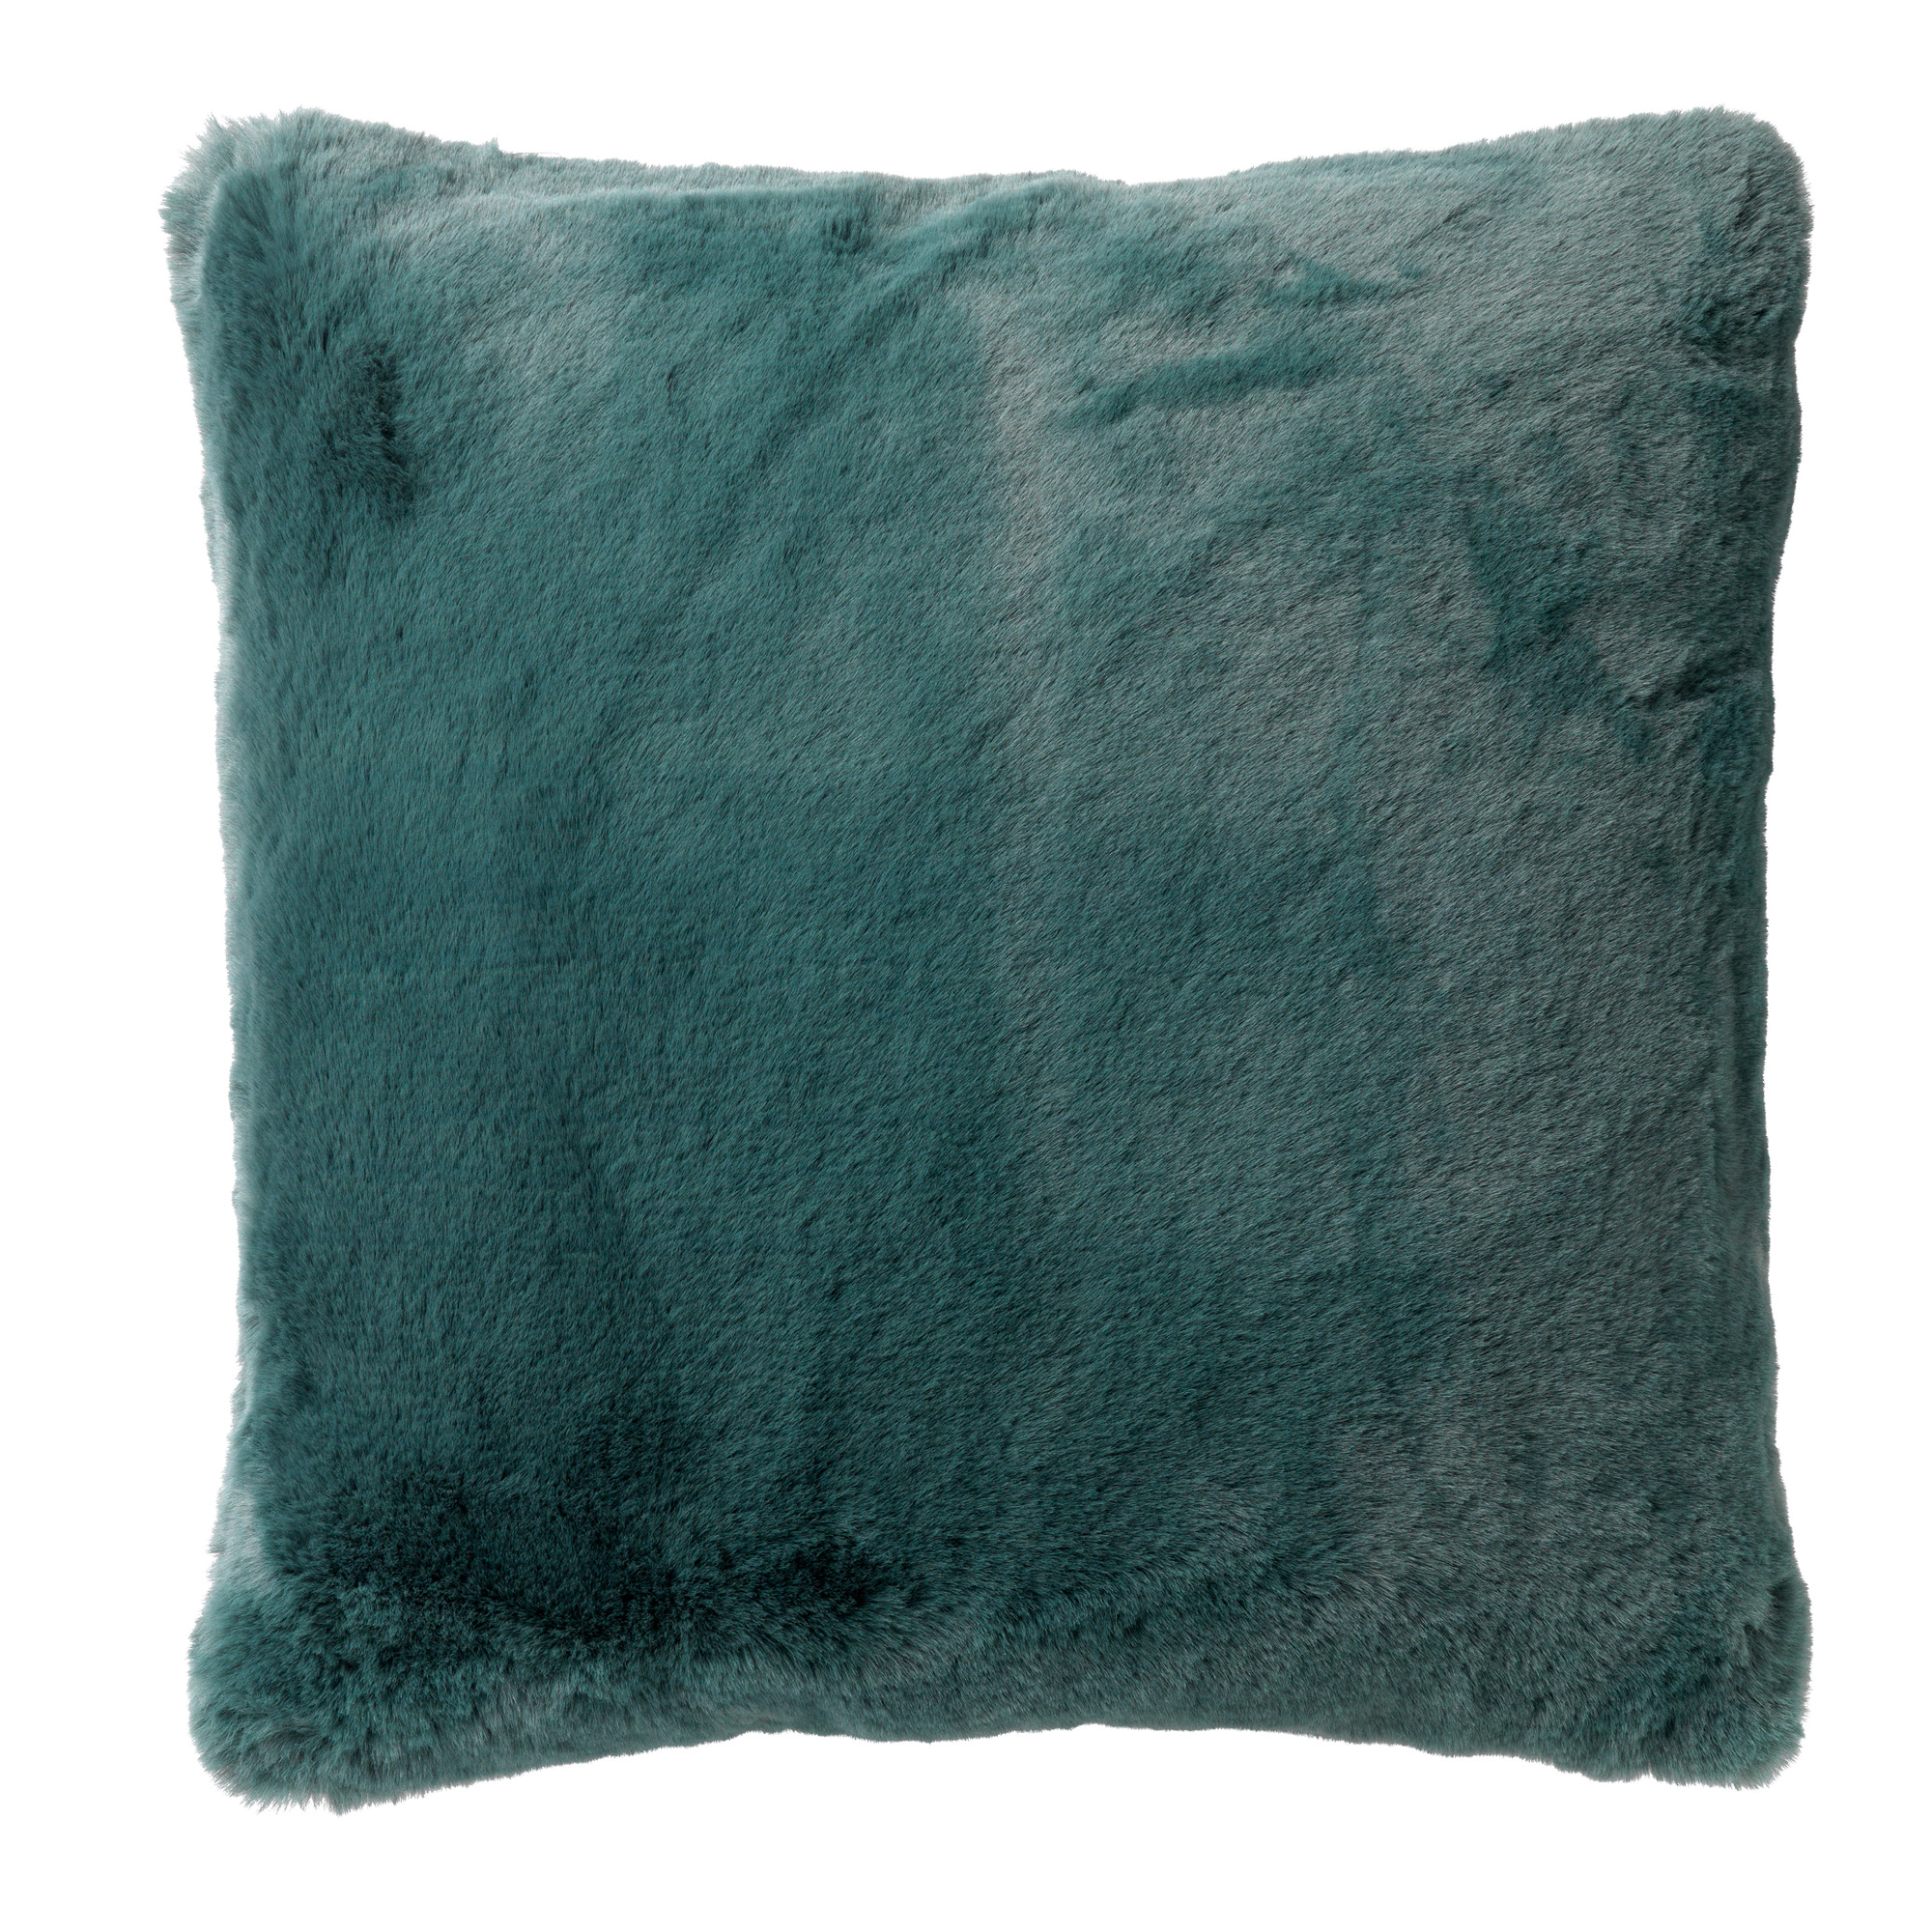 ZAYA - Sierkussen unikleur Sagebrush Green 45x45 cm